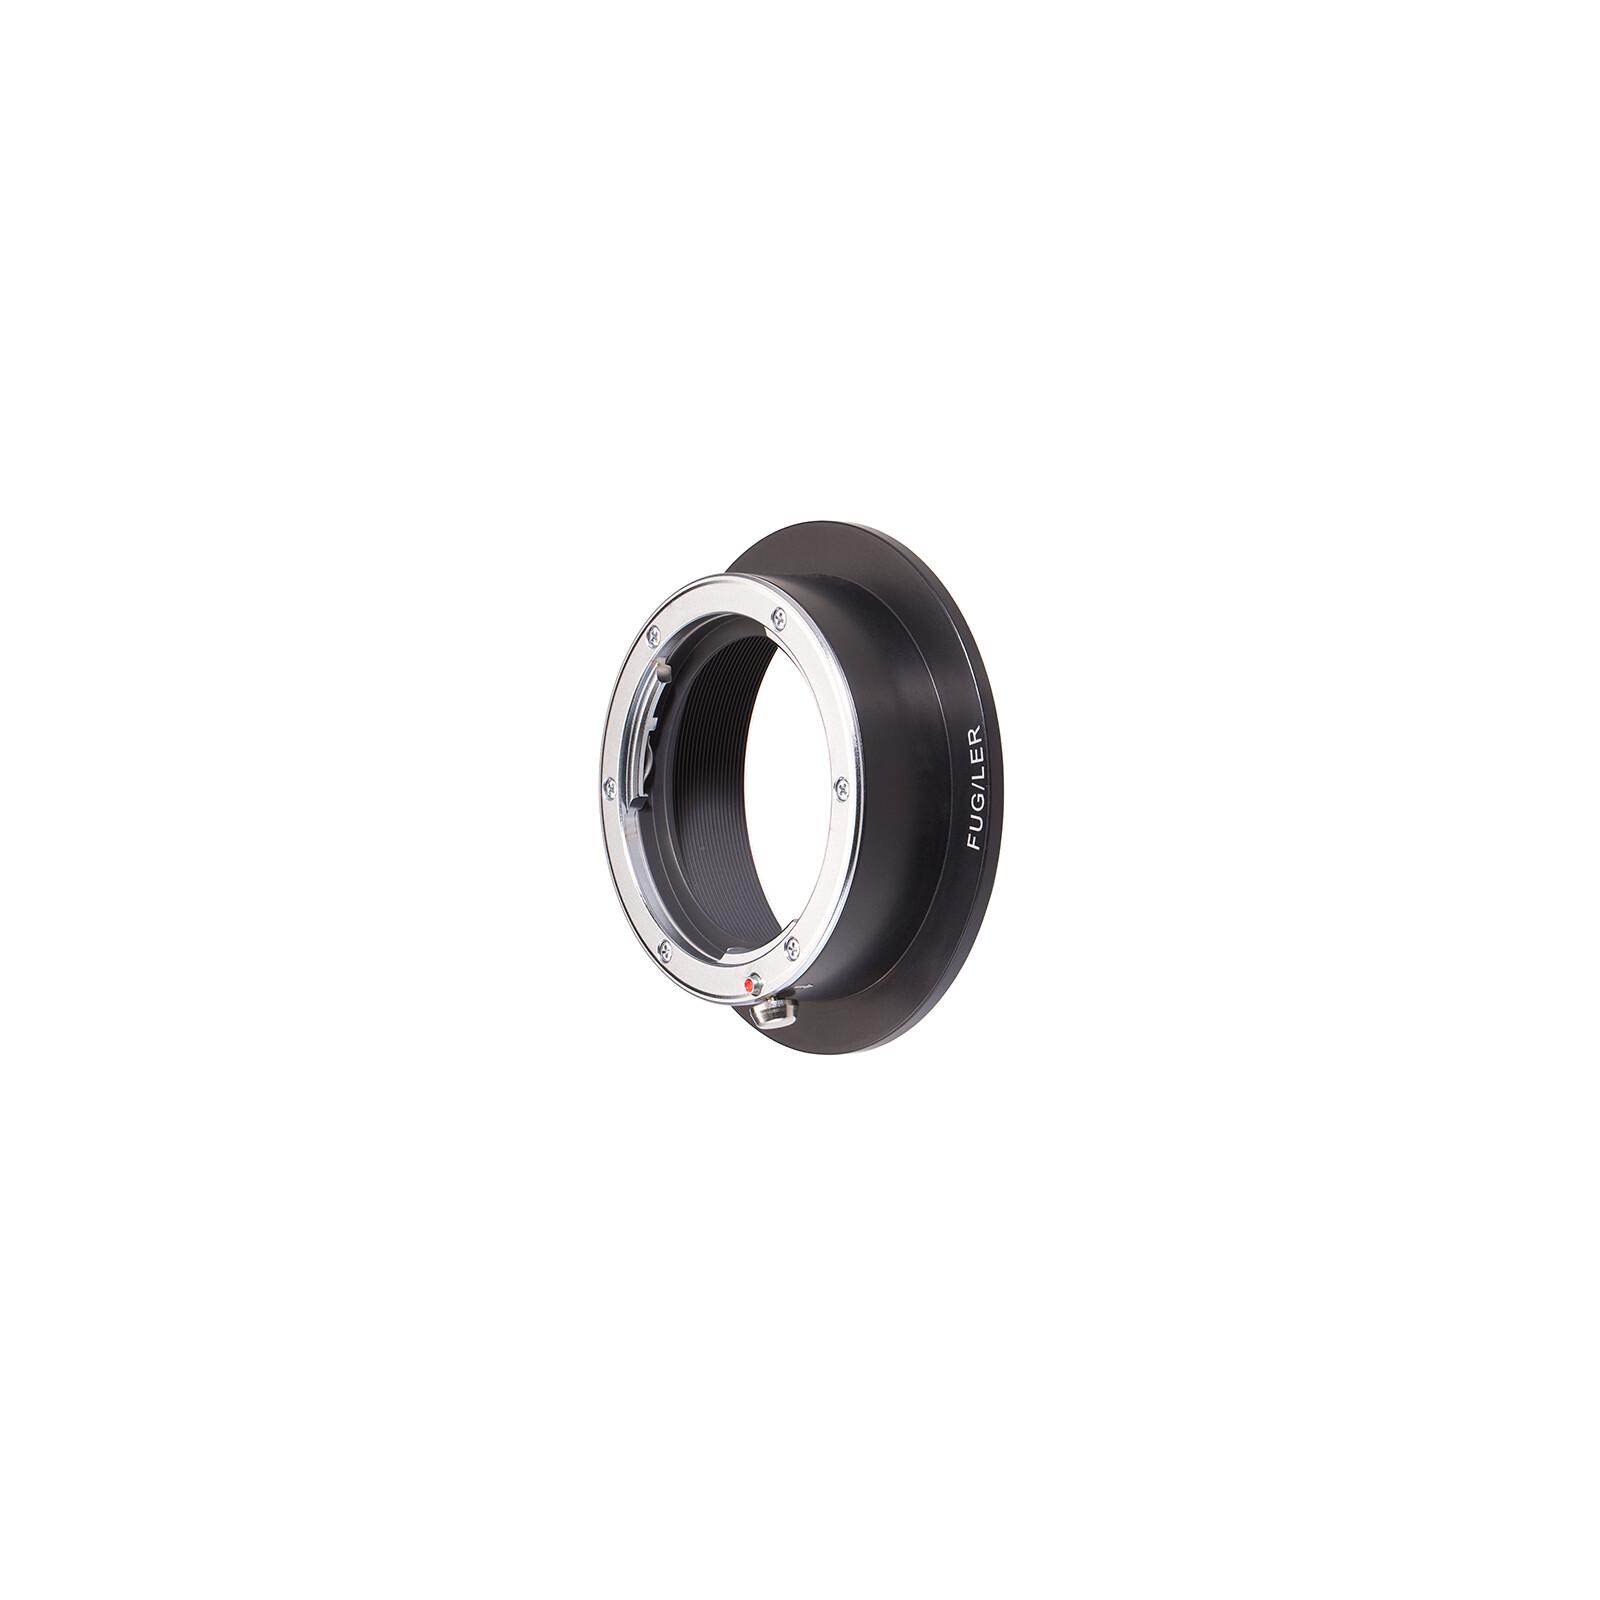 Novoflex FUG/LER Adapter